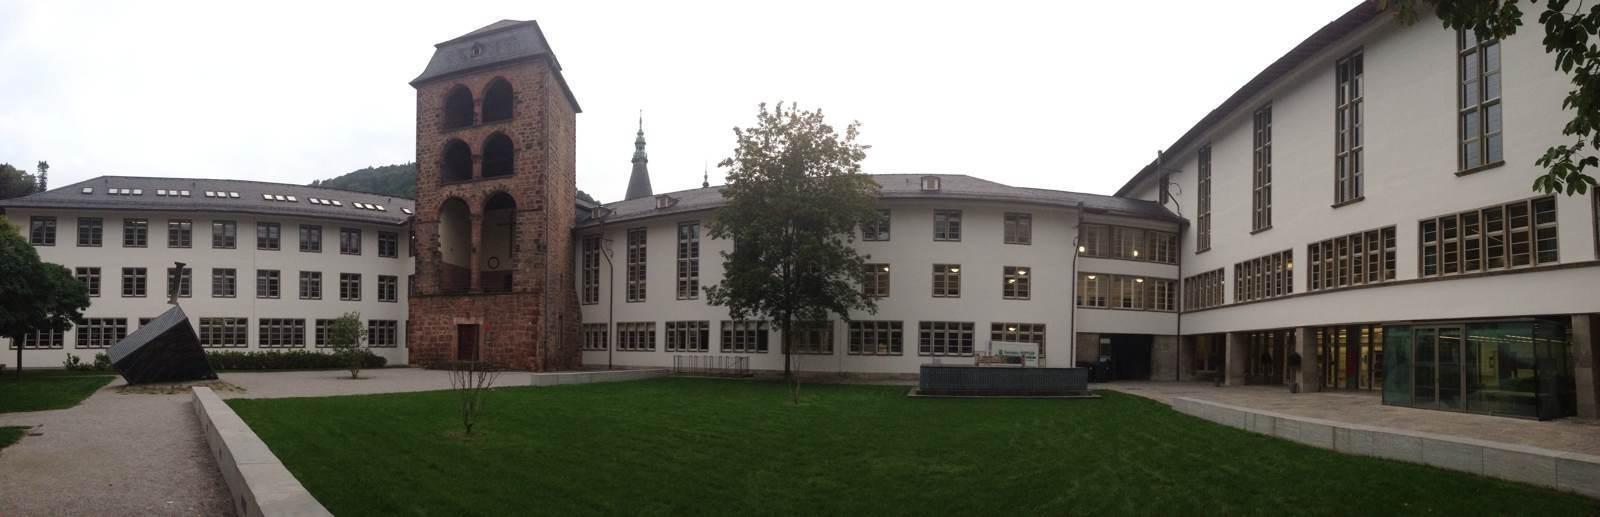 2017海德堡大学申请条件和申请的语言要求